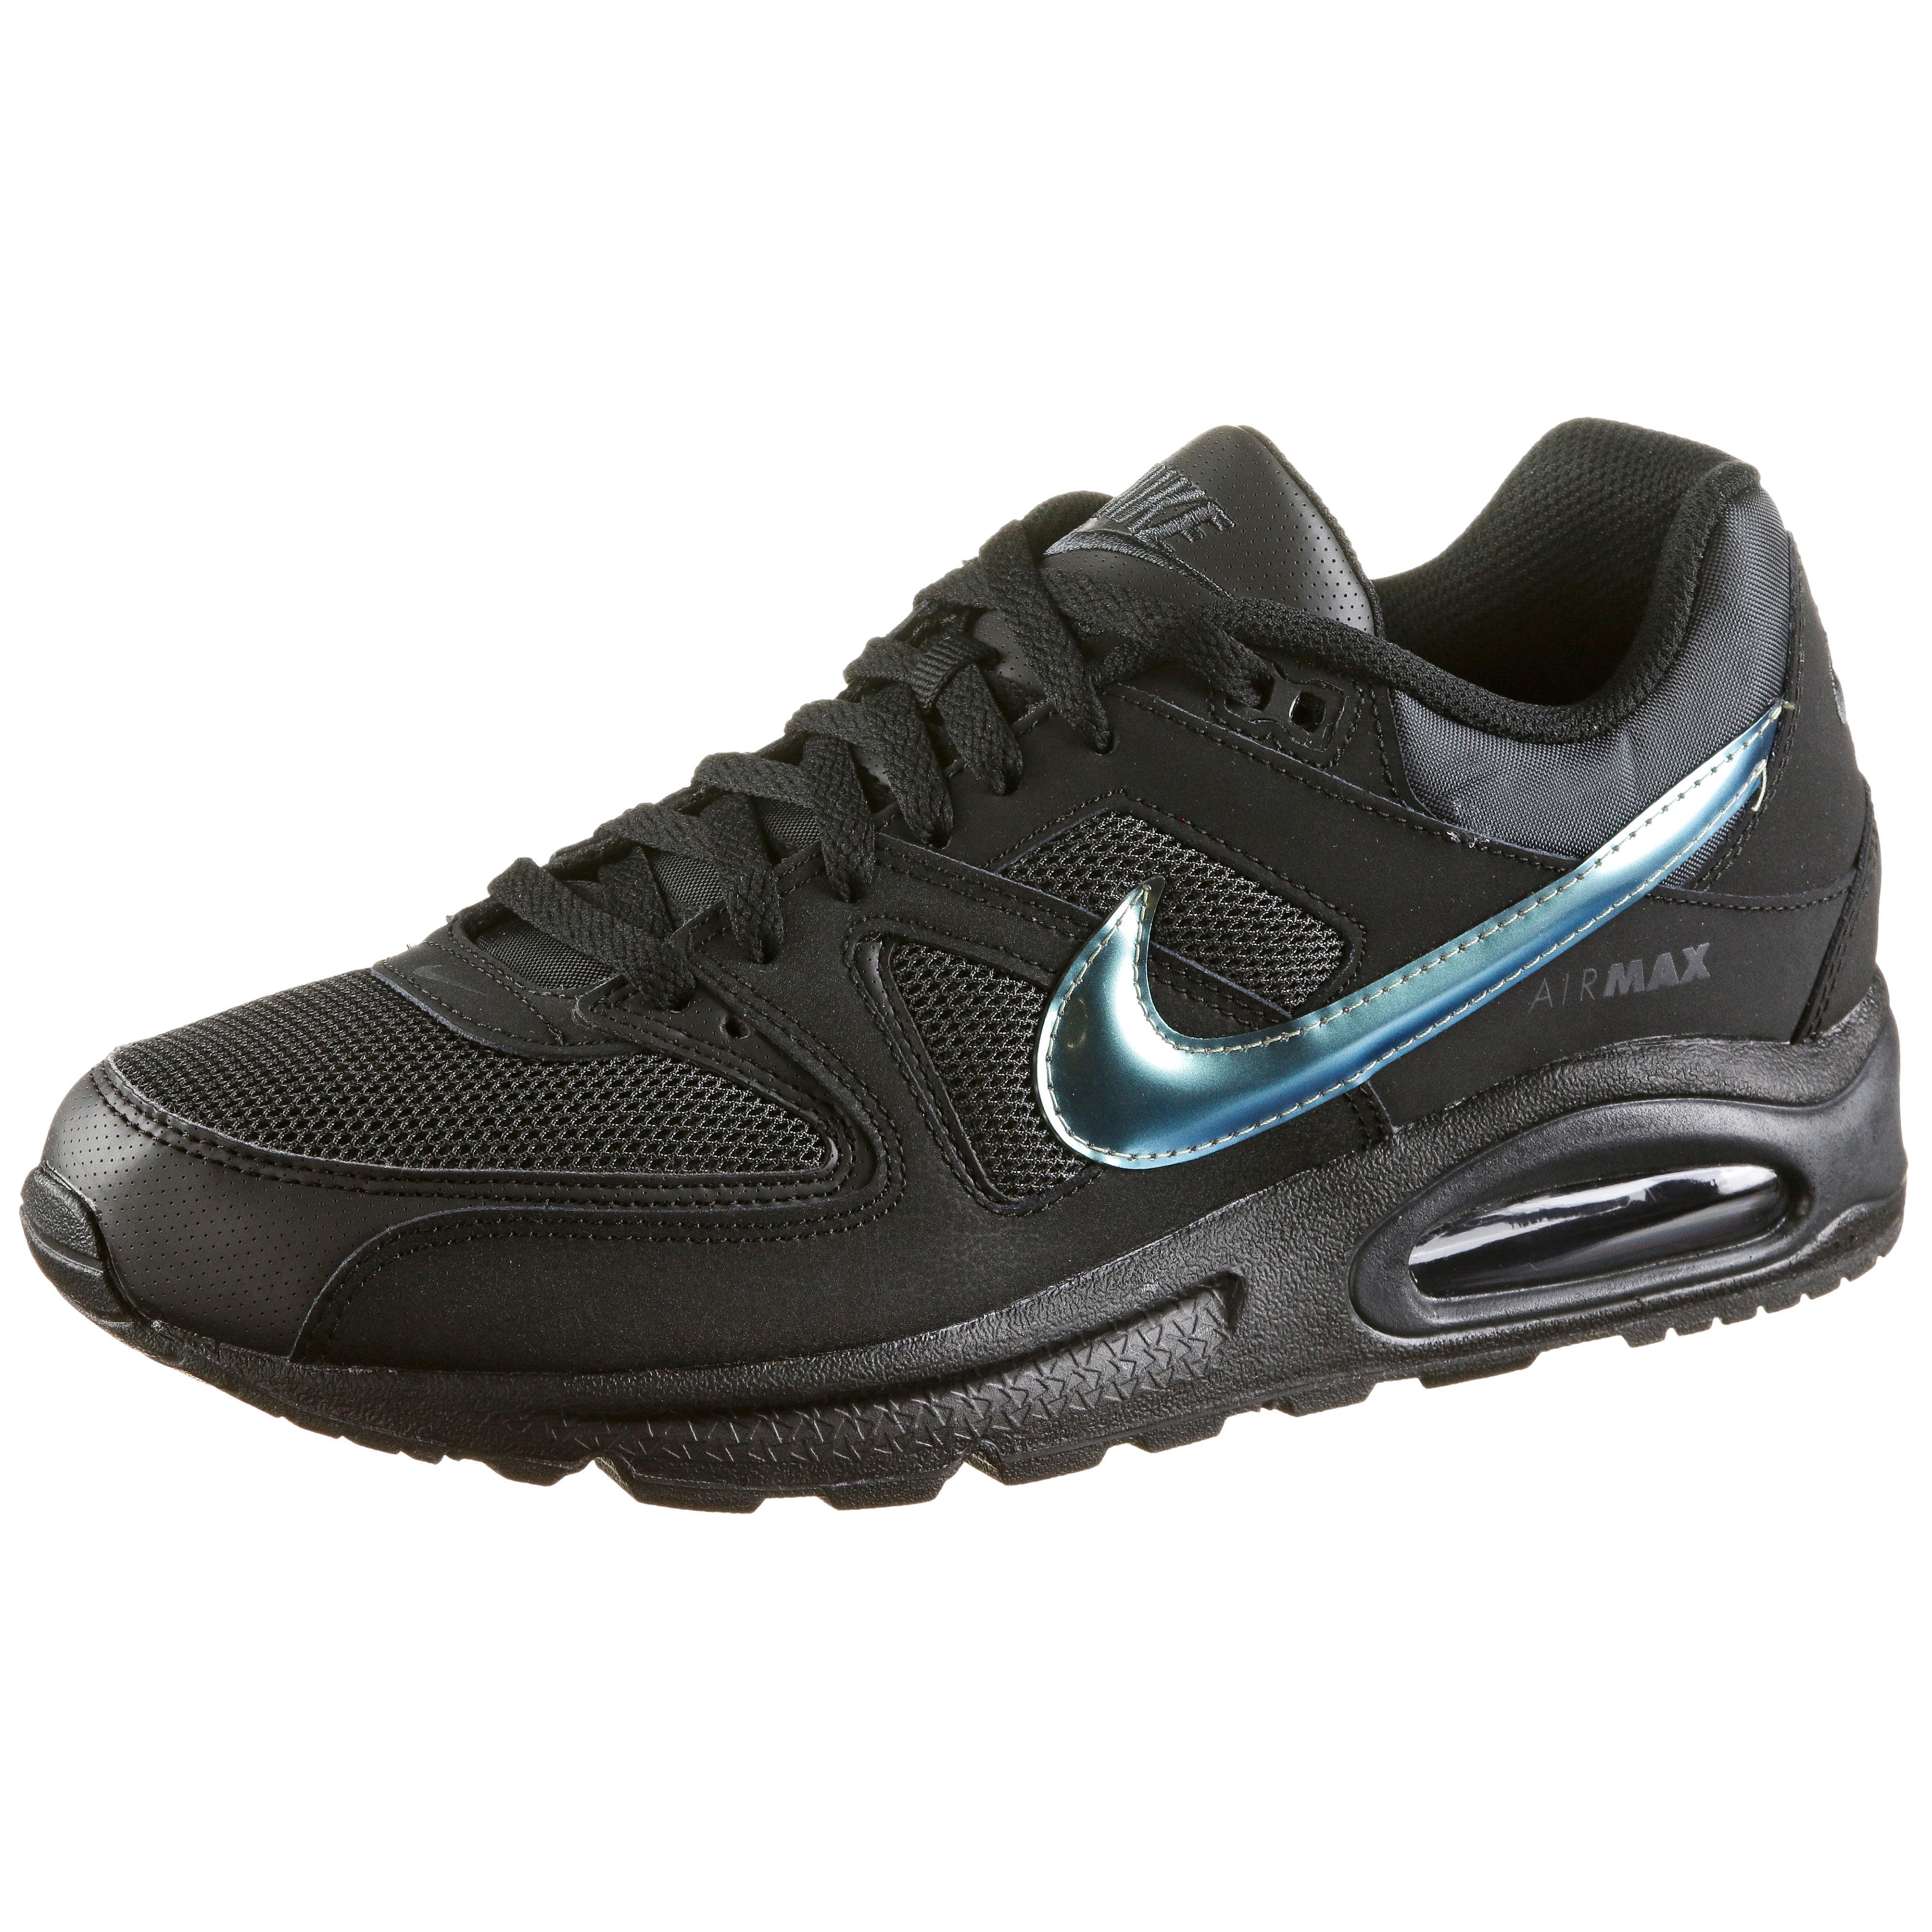 Sneaker Auf Rechnung Bestellen Kostenlos Nike Schuhe Online